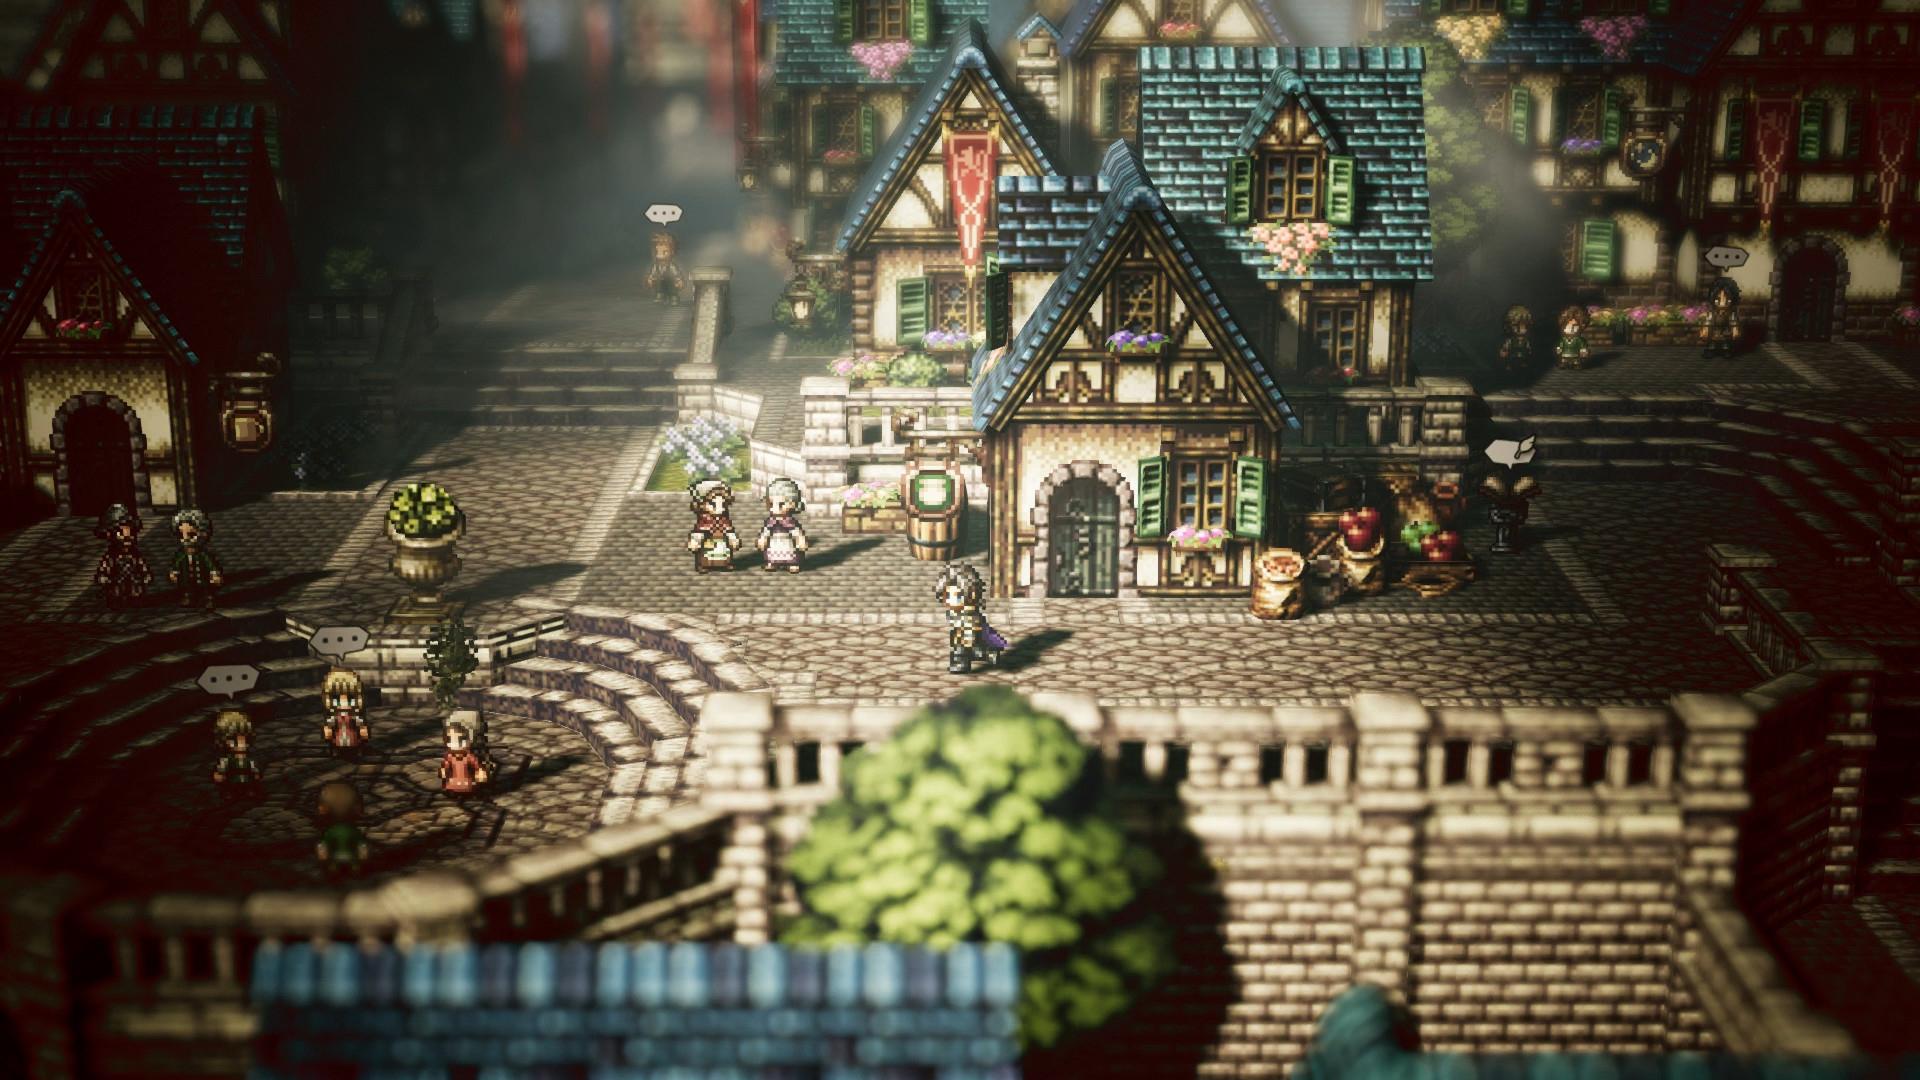 PC Port Report: Octopath Traveler screenshot